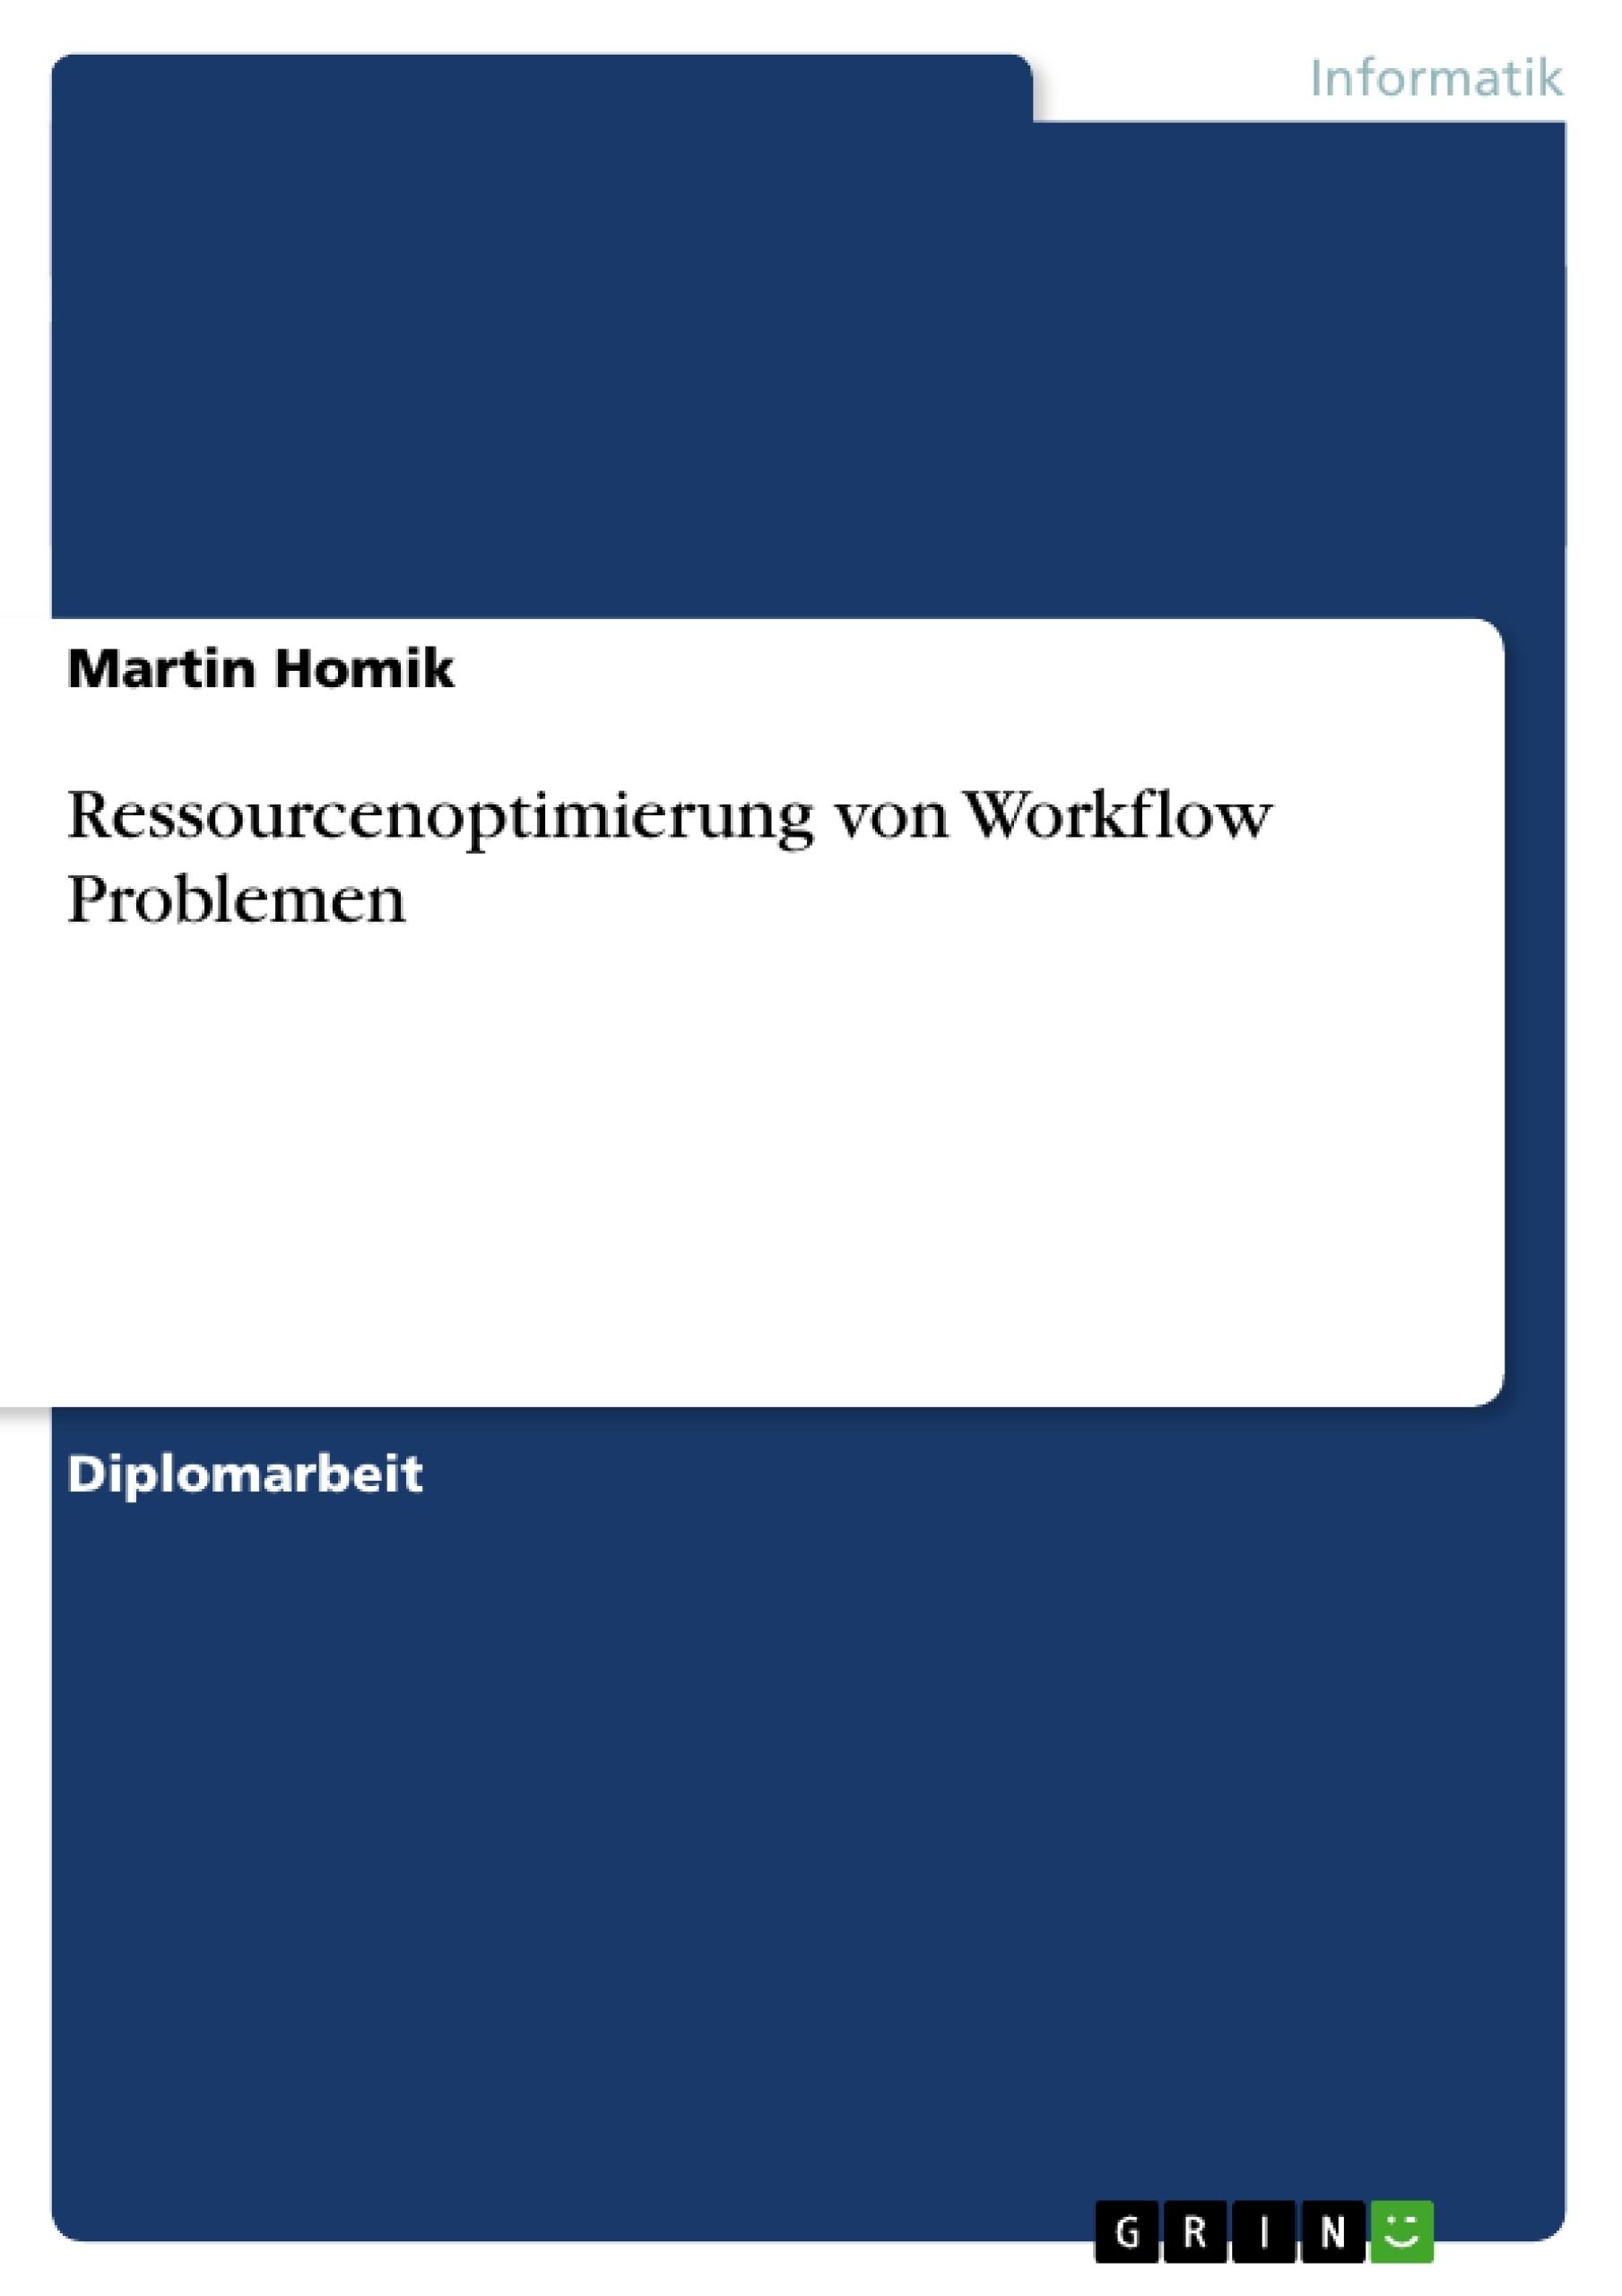 Titel: Ressourcenoptimierung von Workflow Problemen